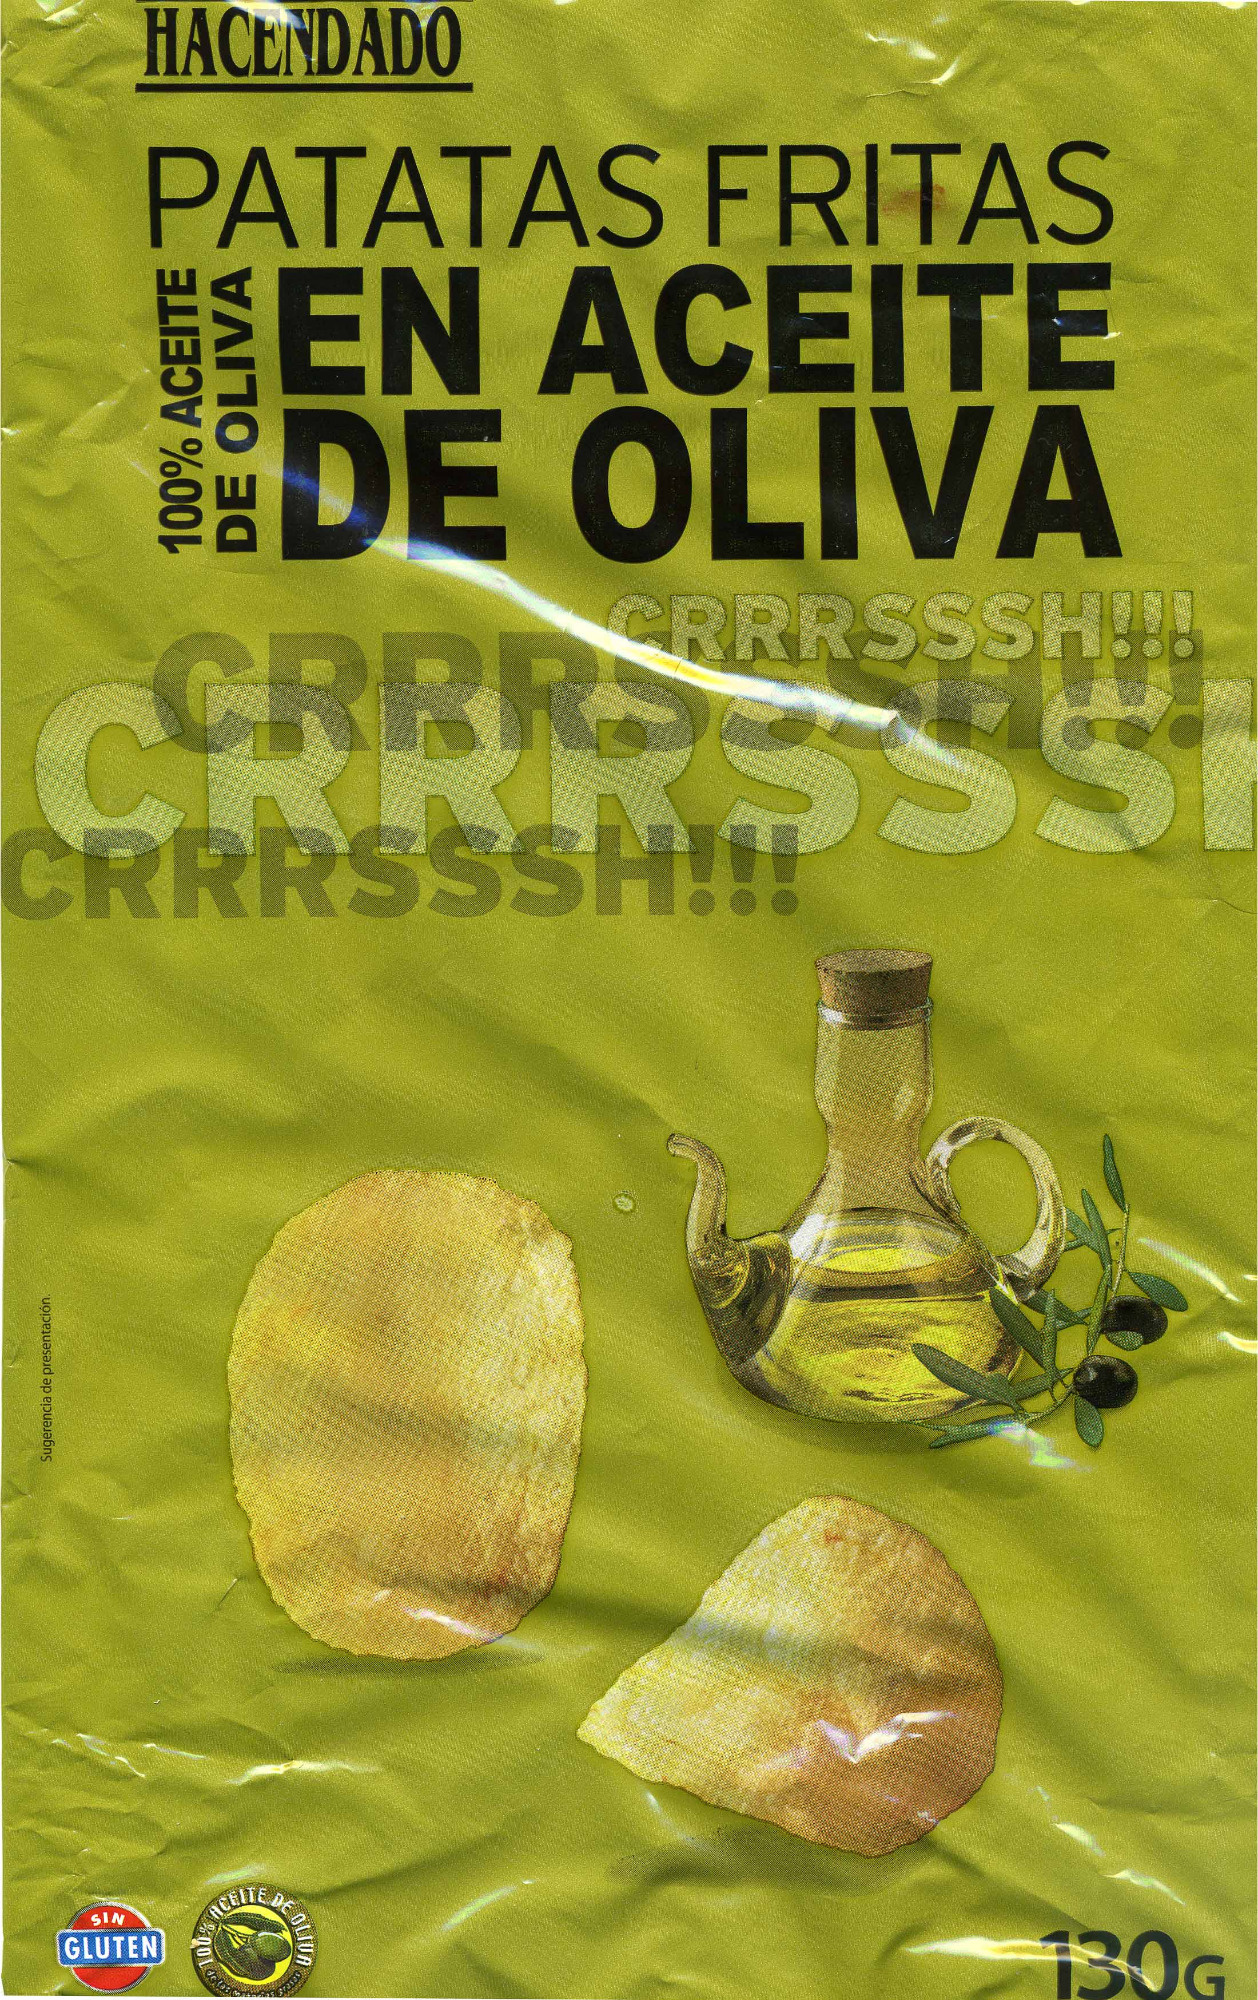 """Patatas fritas lisas """"Hacendado"""" en aceite de oliva - Producte"""